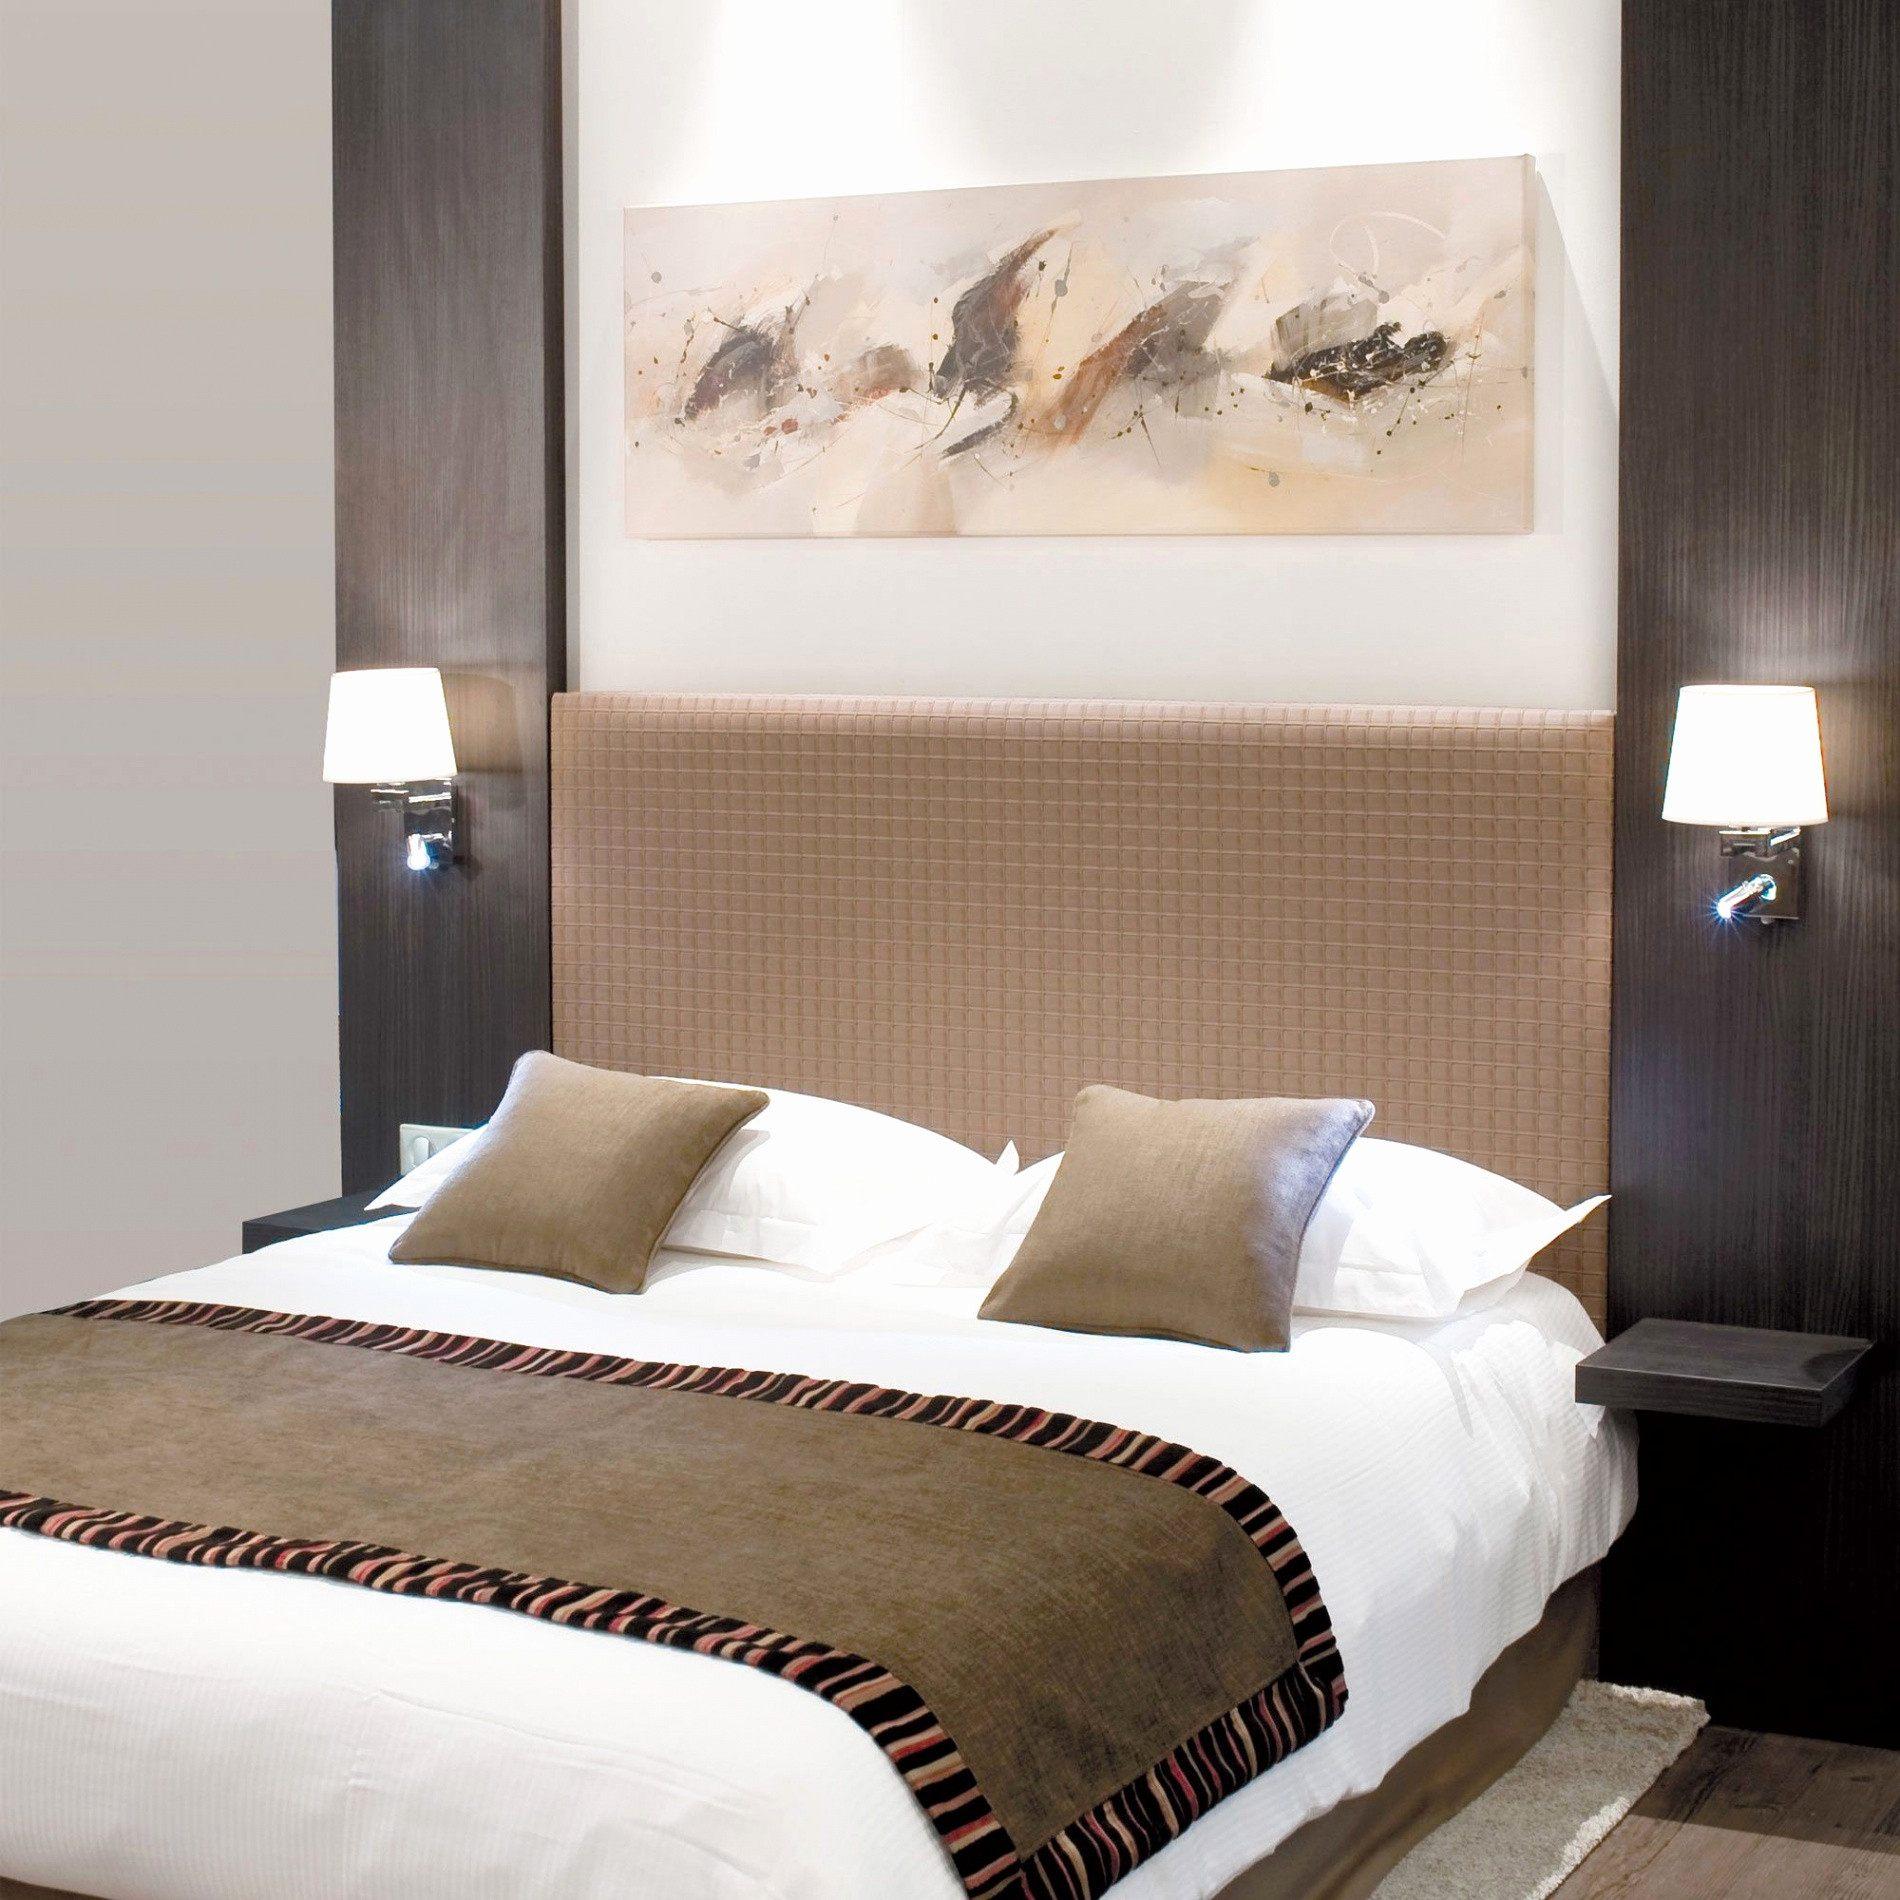 Tete De Lit Interiors Magnifique Tete De Lit Meuble Lit Design Luxe Luxe Luxury Tete De Lit Luxe